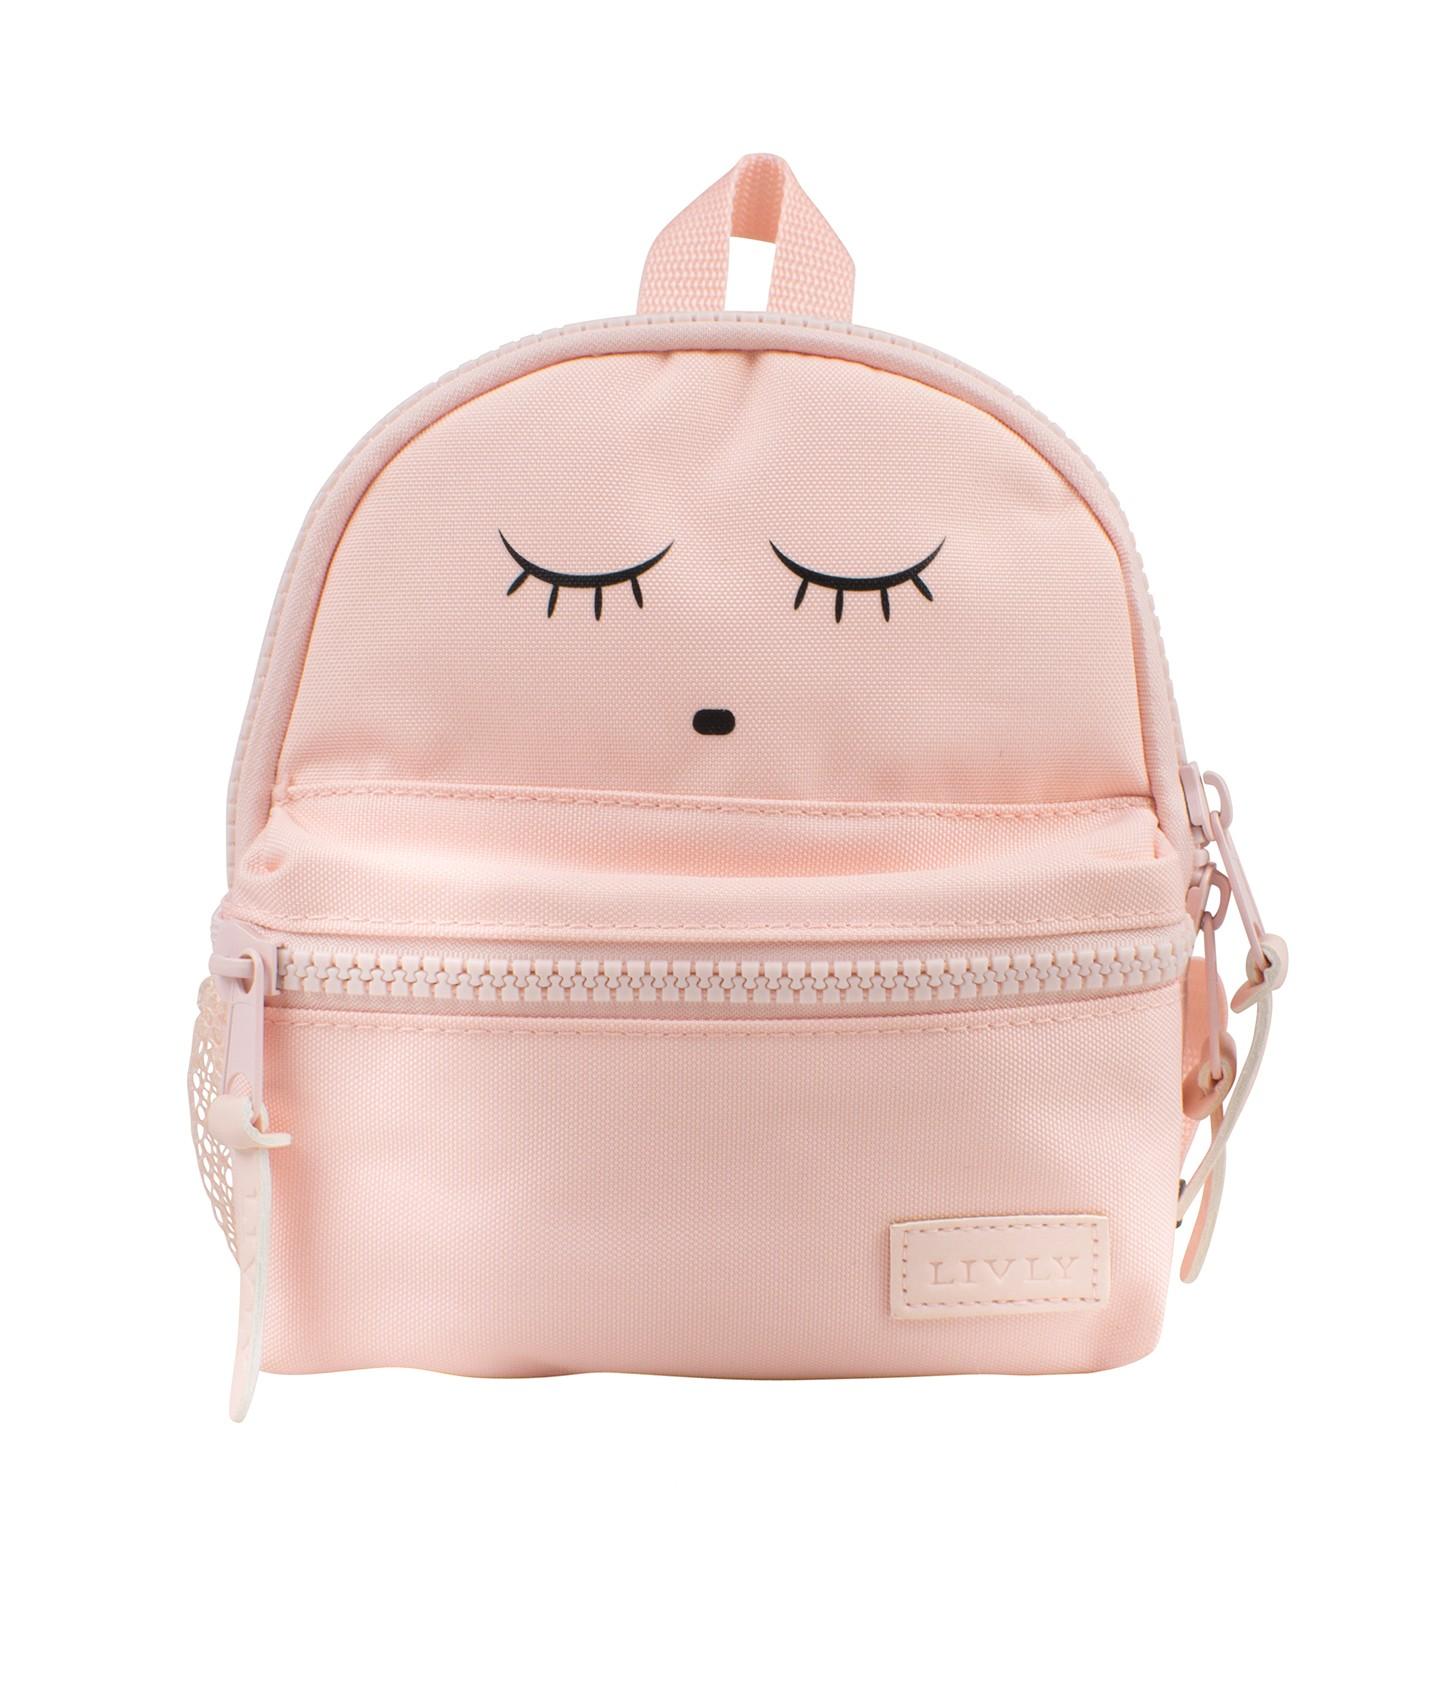 02859f3d Livly Mini Backpack, liten ryggsekk, rosa - Barn og Baby